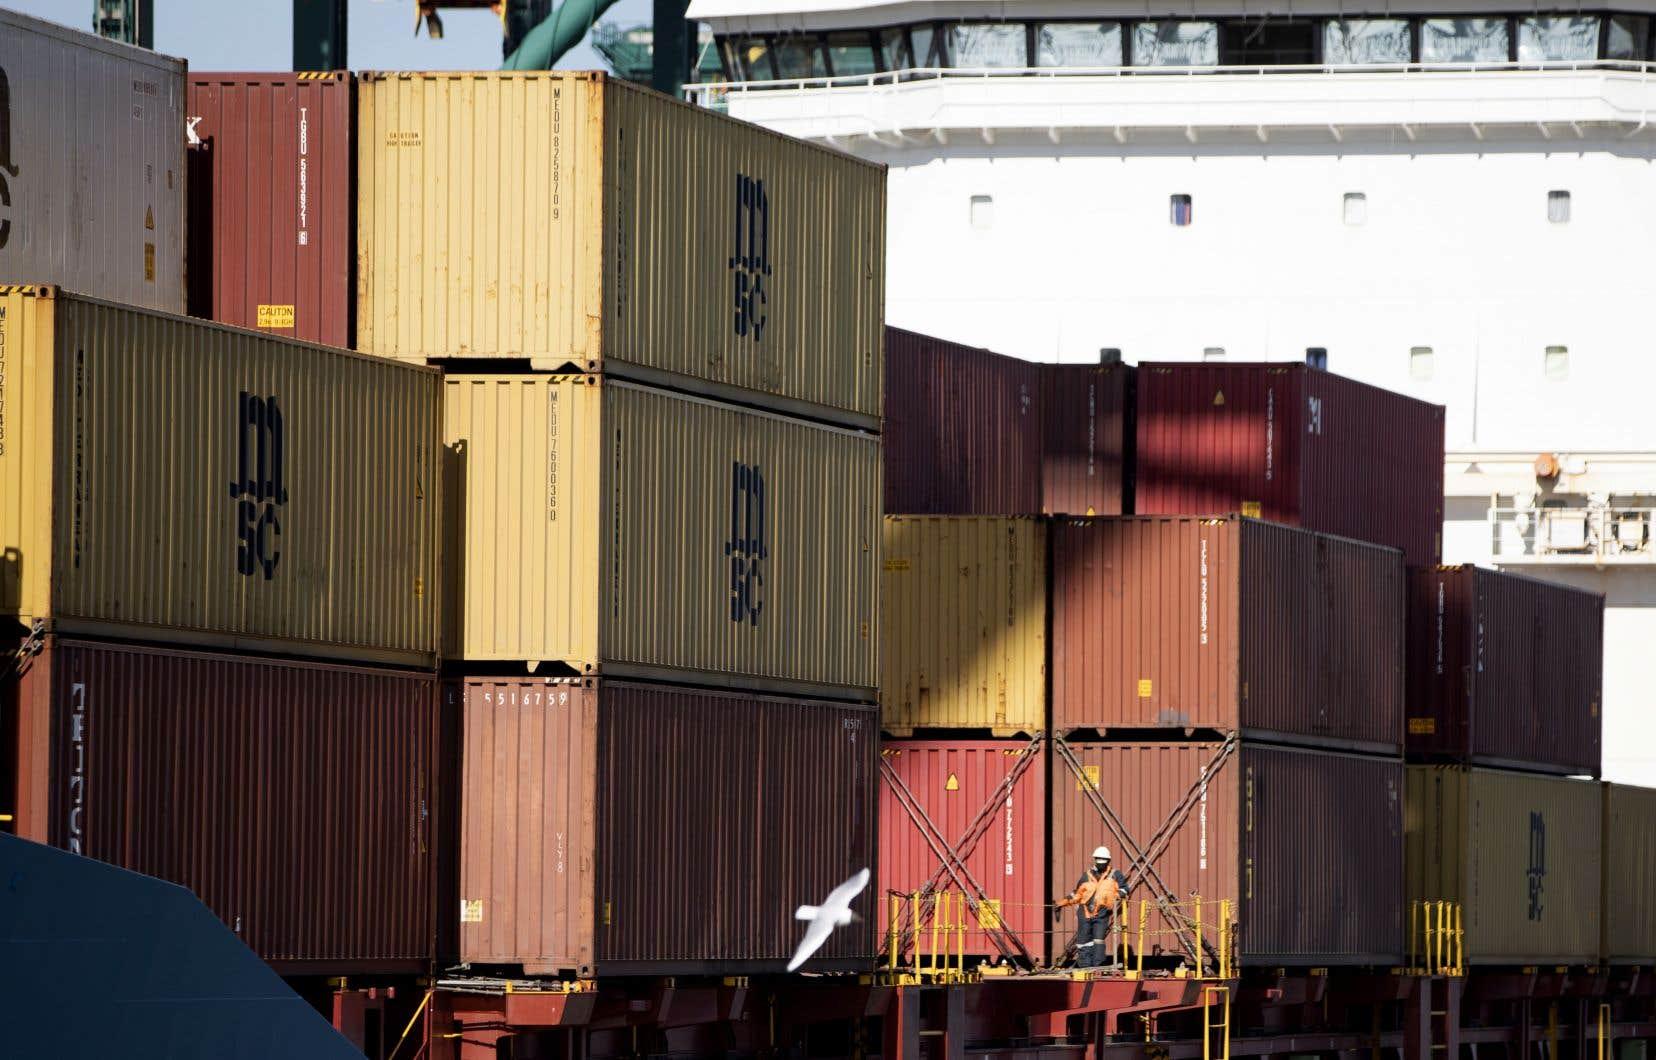 Dans son analyse publiée mercredi, l'agence Moody's parle d'un choc sans précédent sur les économies des pays membres du G20. Sur la photo, de nombreux conteneurs étaient immobilisés sur le quai du port d'Anvers, en Belgique, plus tôt cette semaine.